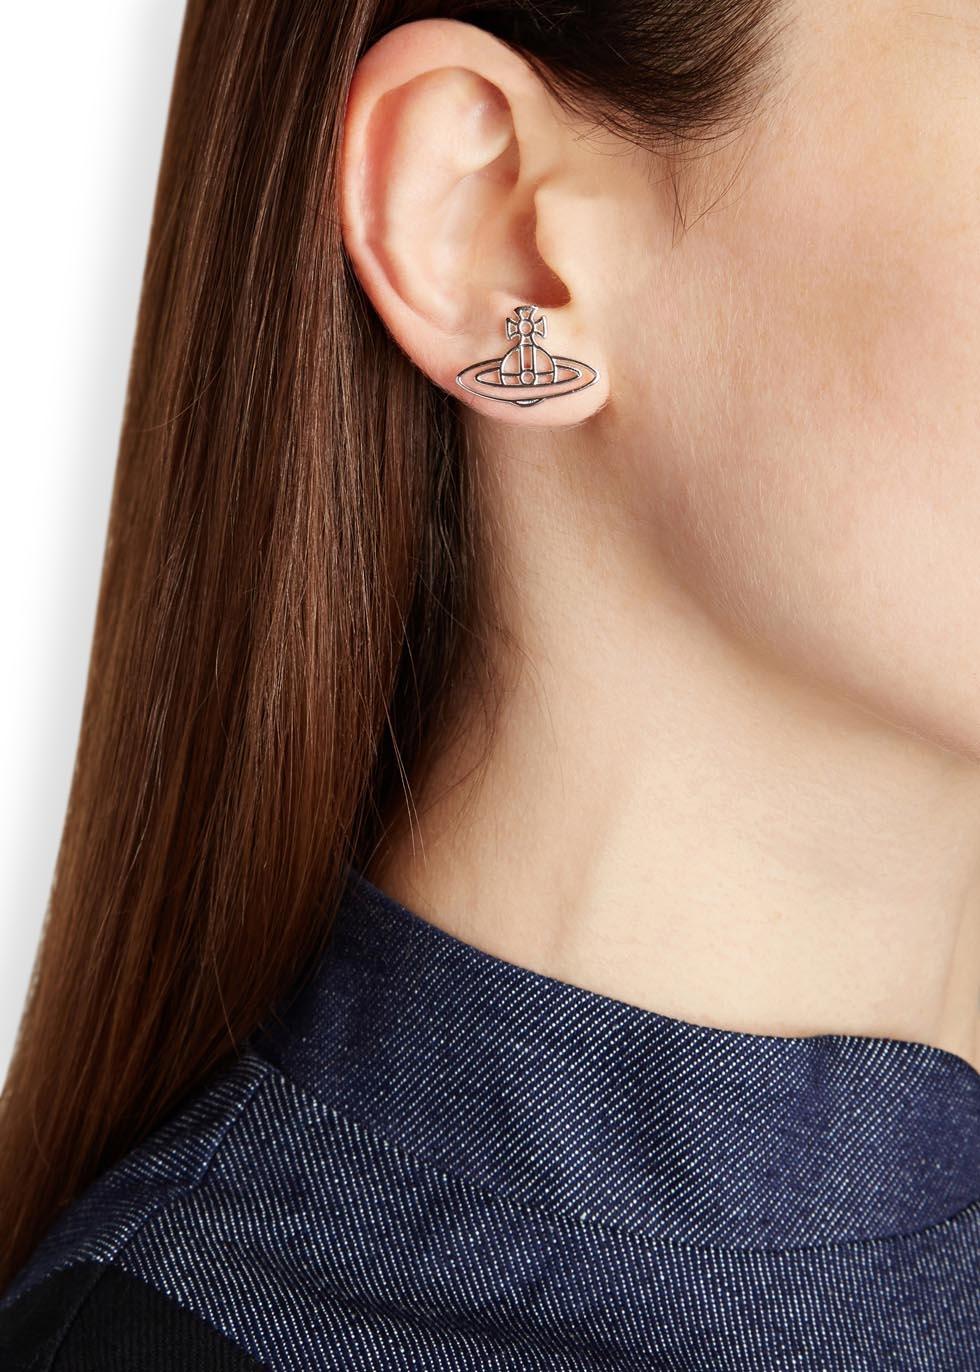 1df9f9e57 Vivienne Westwood Thin Lines Silver Tone Earrings in Metallic - Lyst